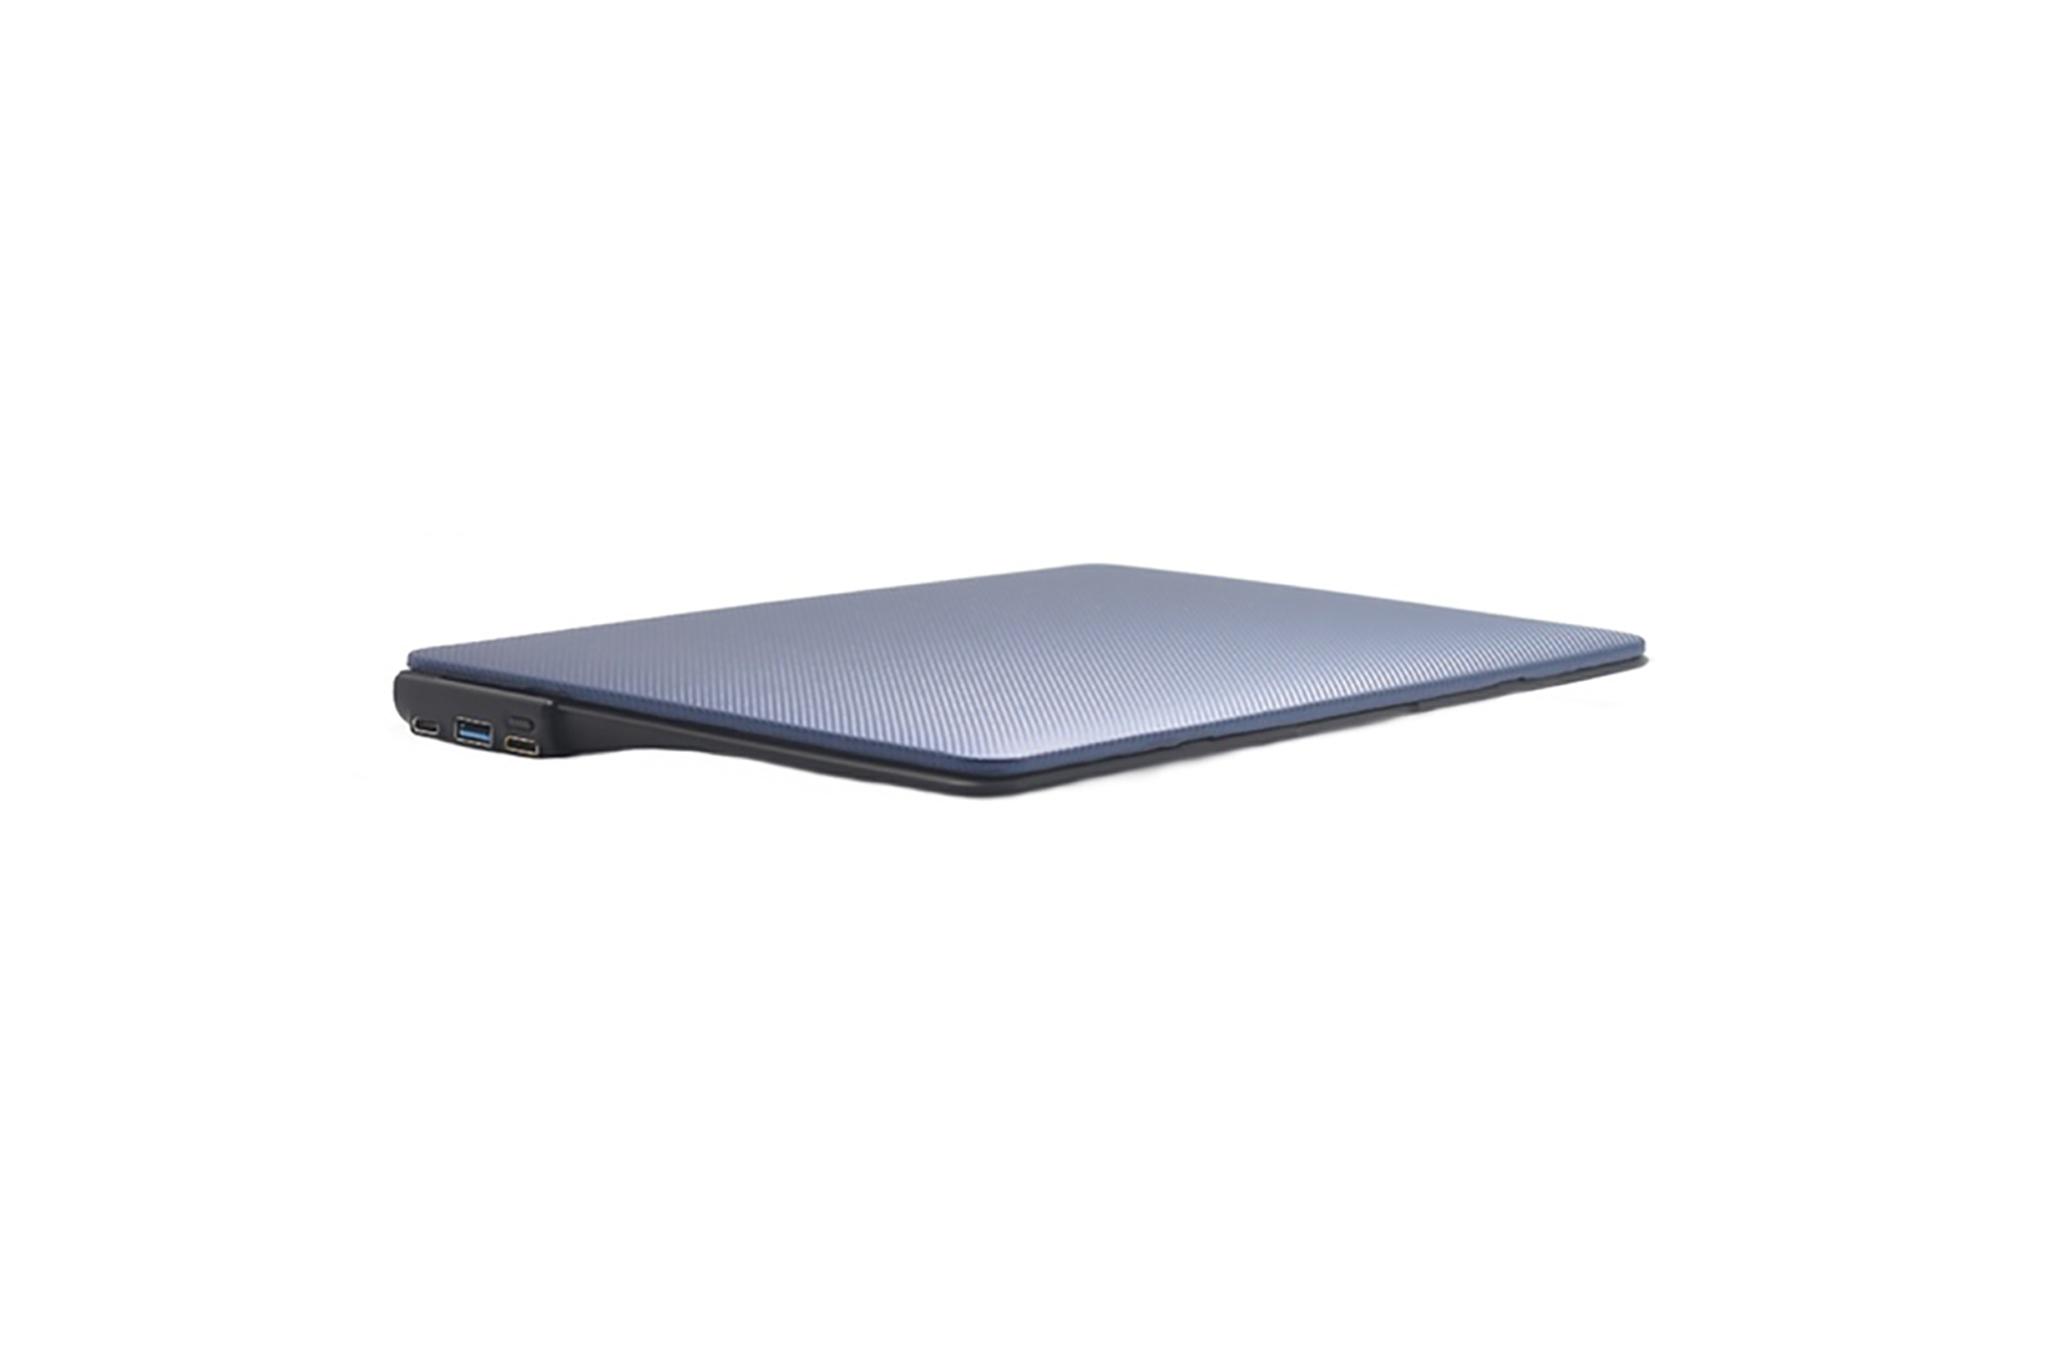 12인치 맥북을 위한 하드케이스 - 얼리어답터